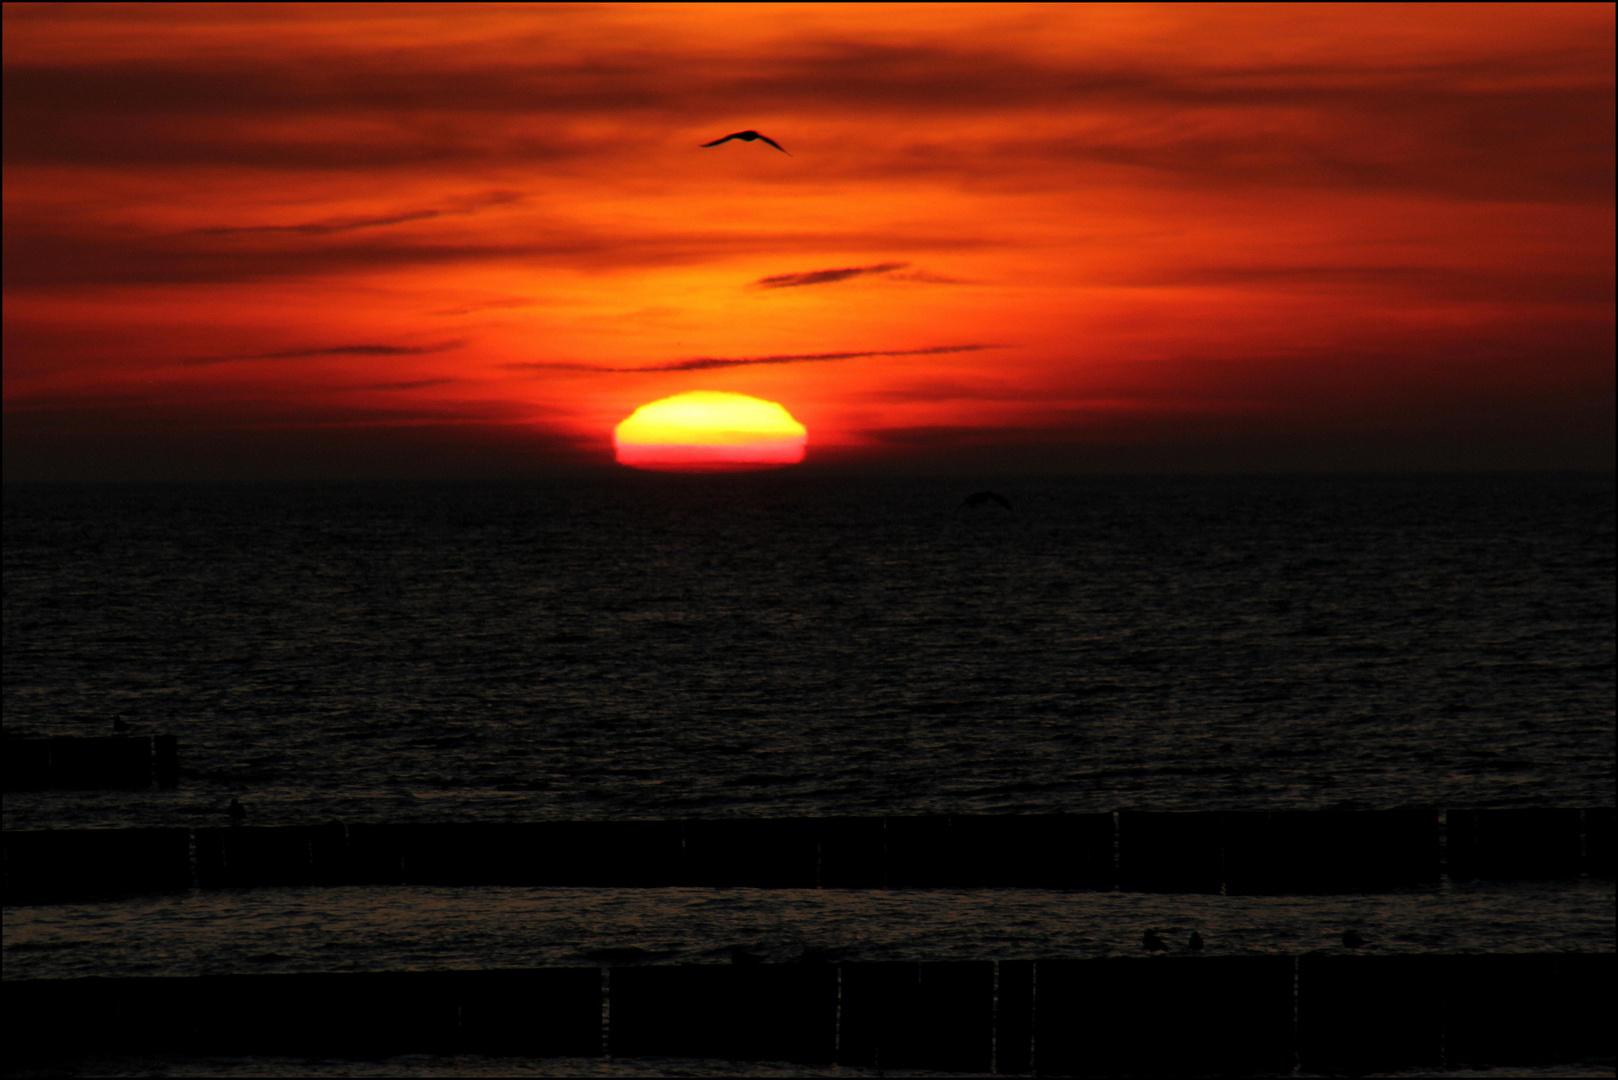 Der Sonne...